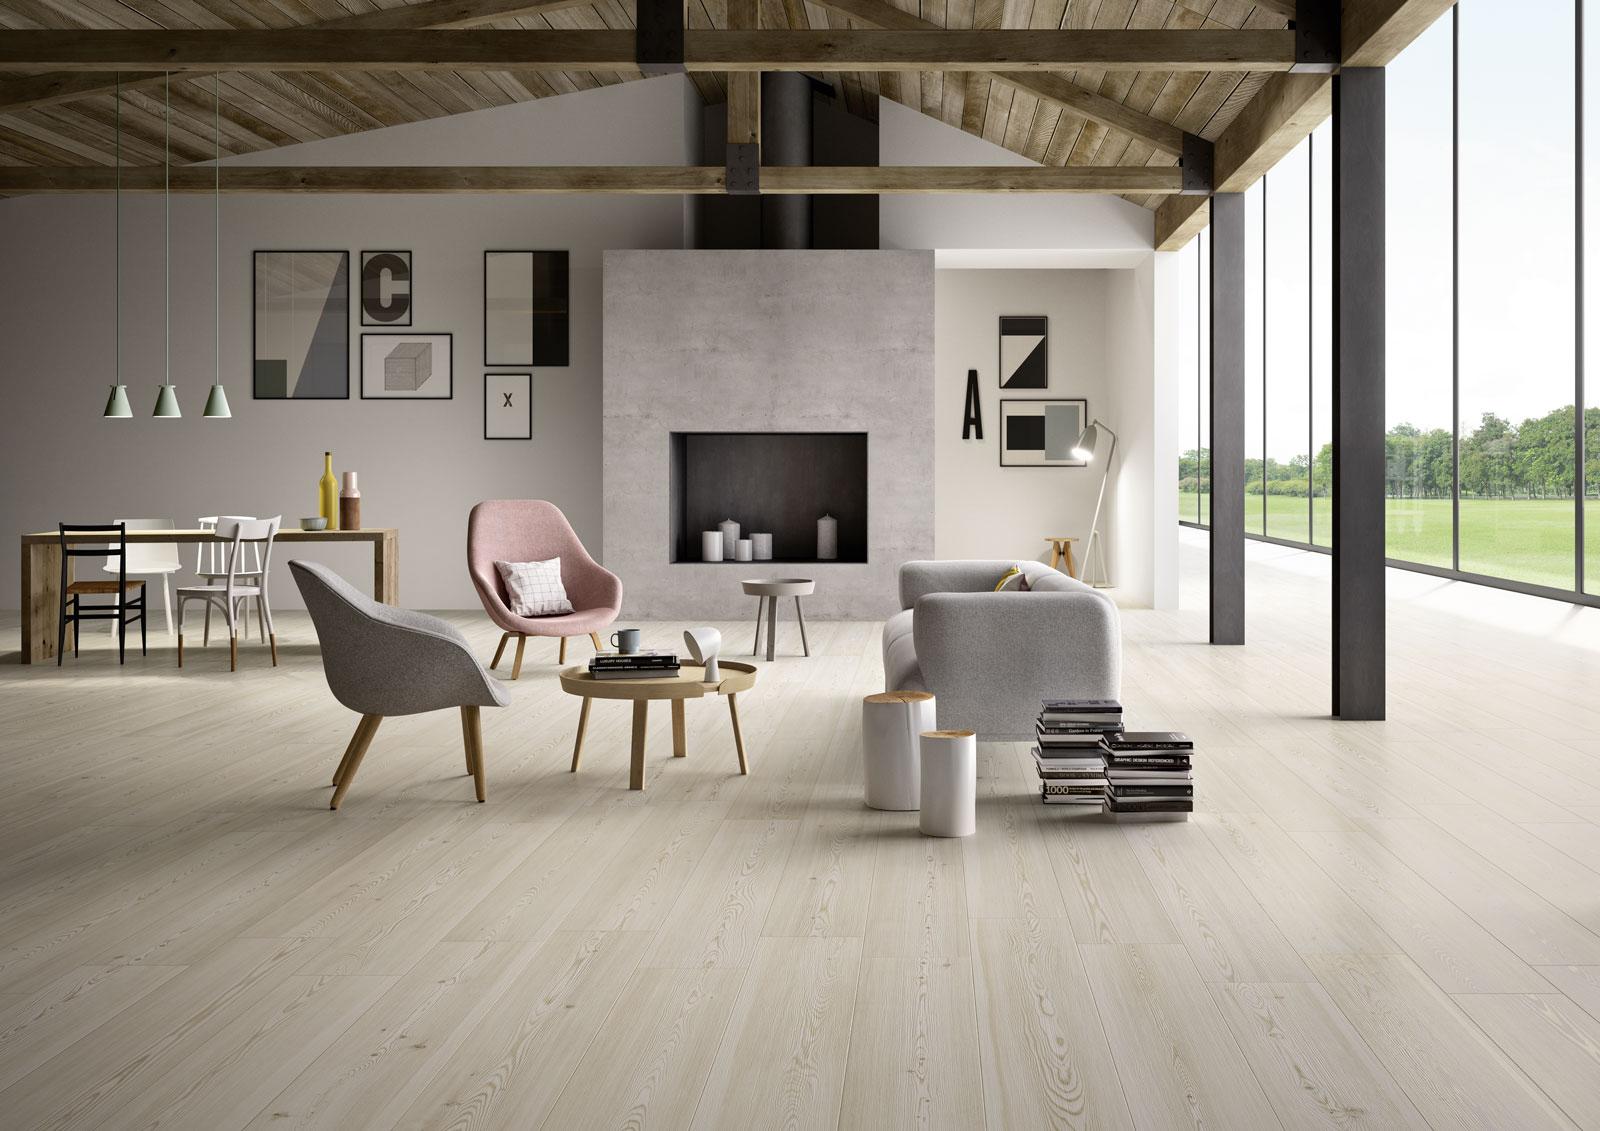 Treverktrend effetto legno rovere marazzi - Marazzi piastrelle prezzi ...